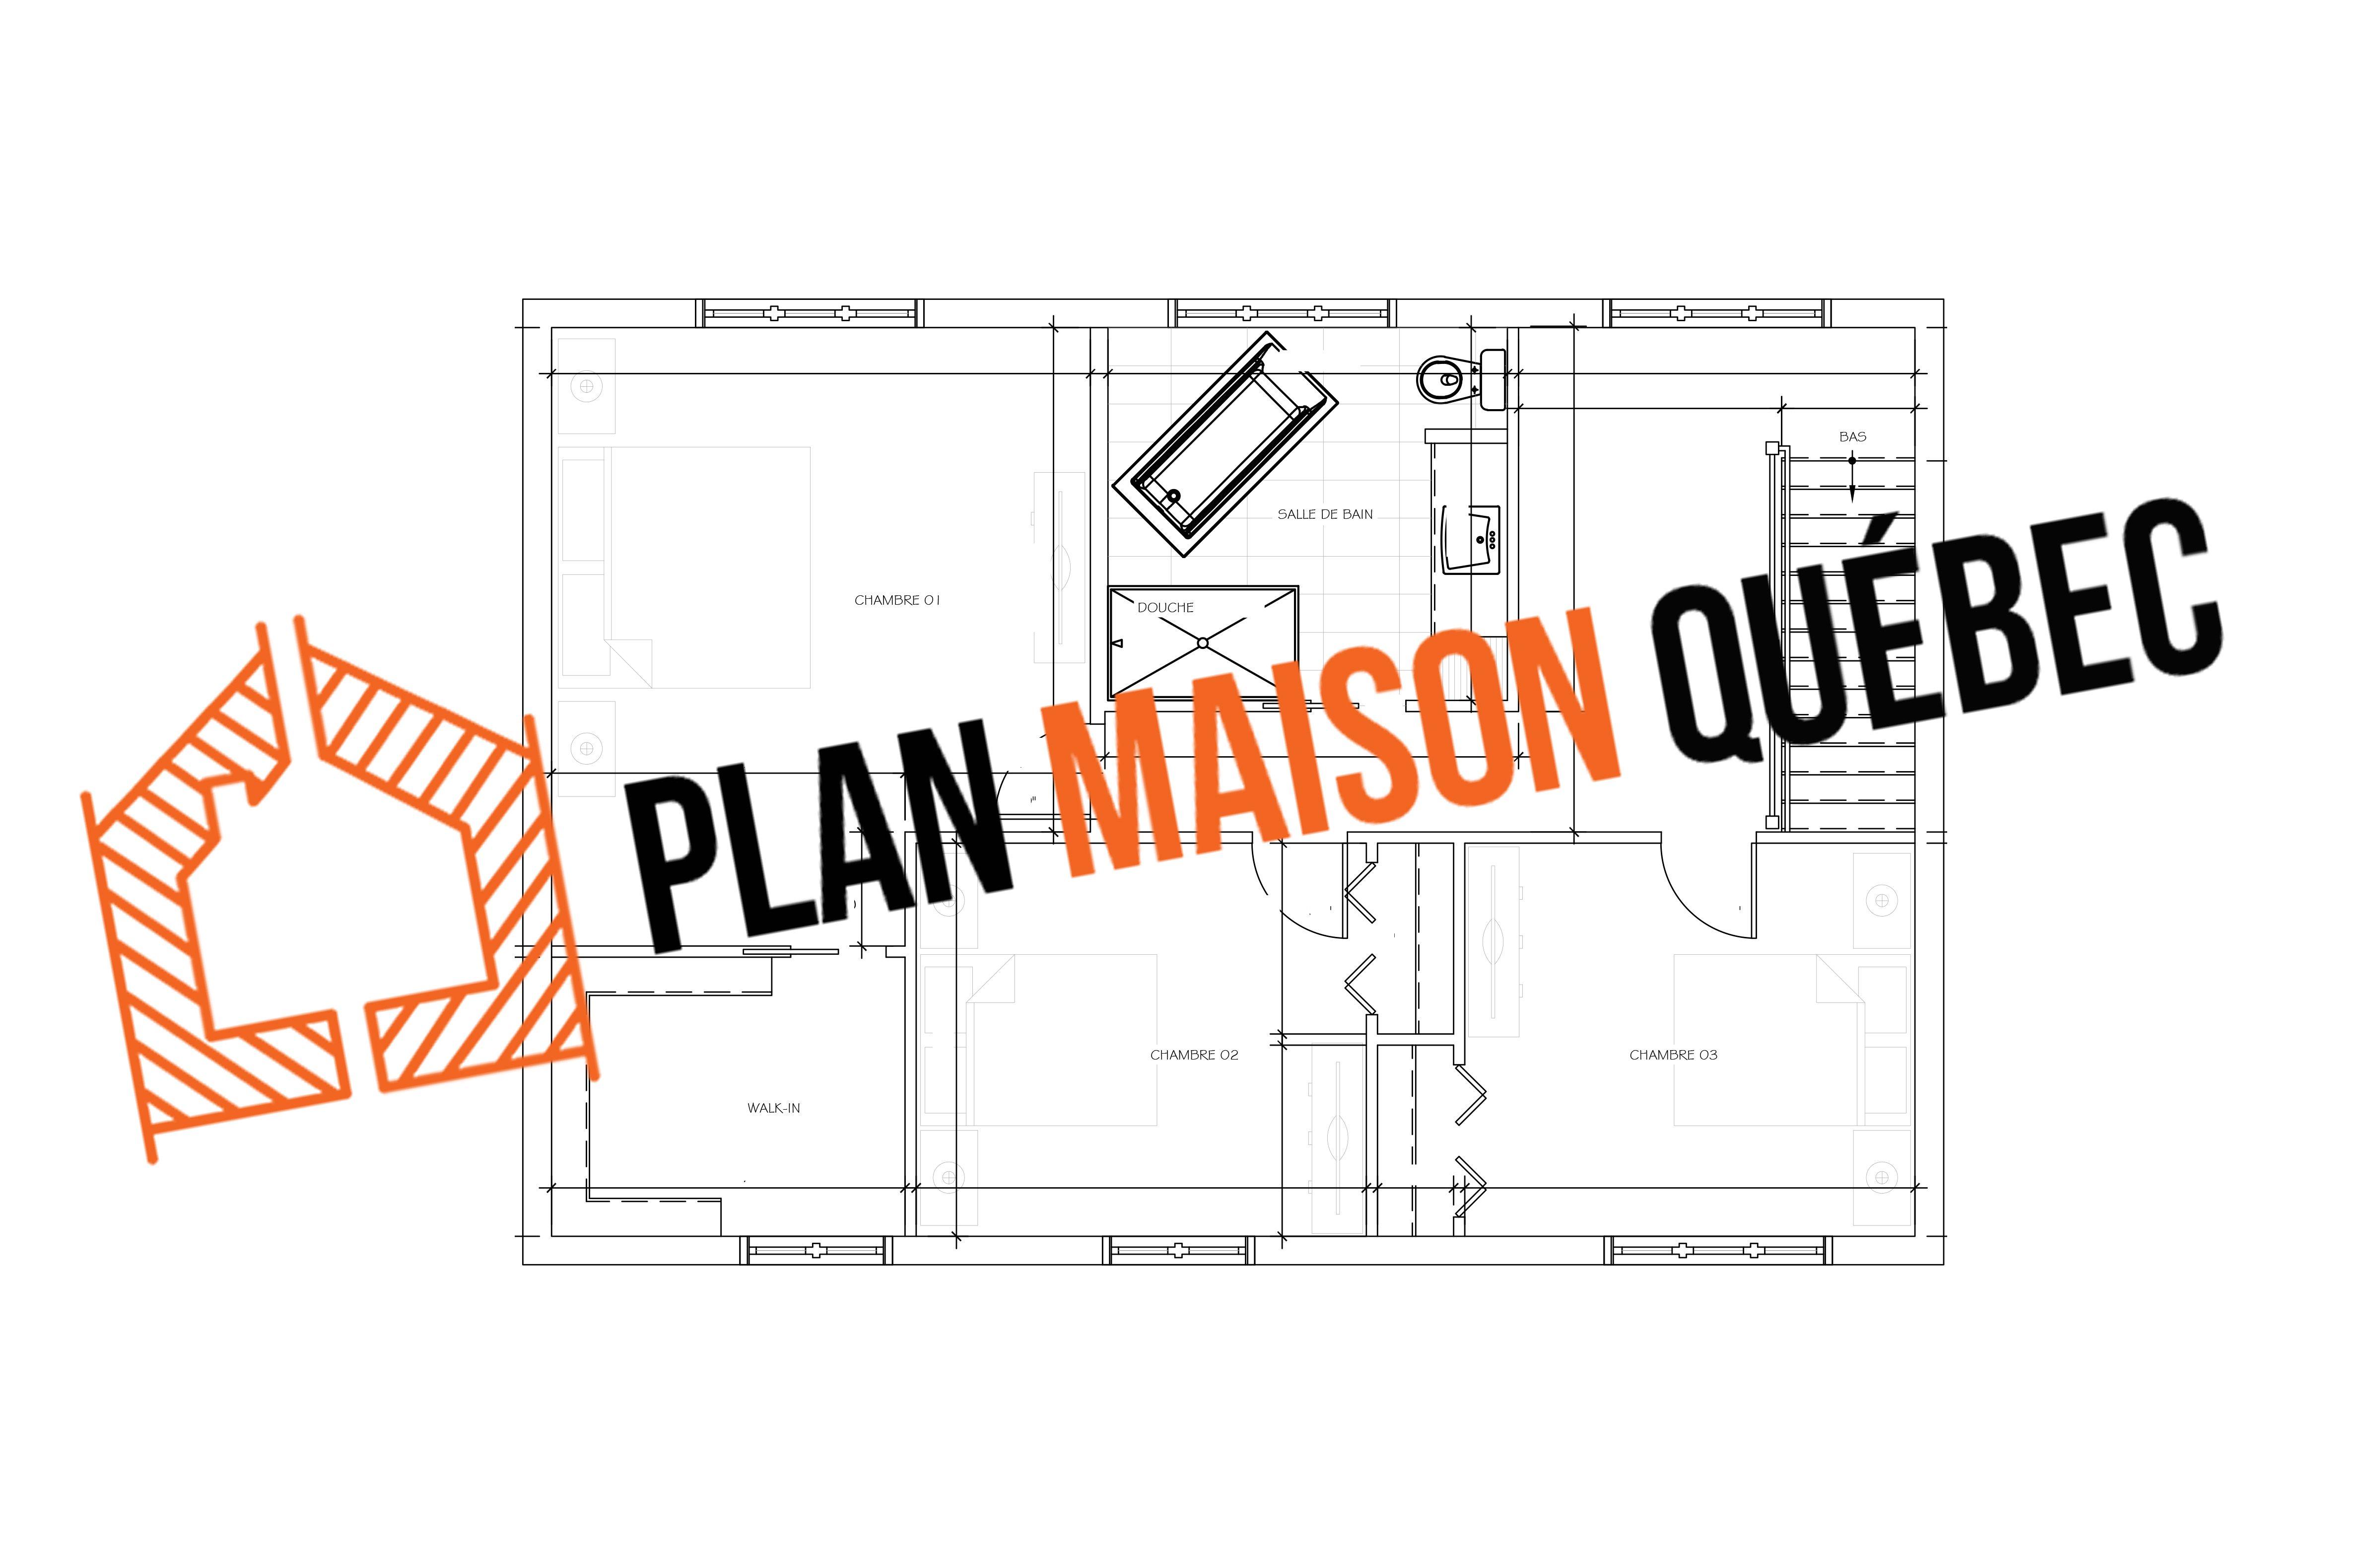 Des plans de construction pour une nouvelle cuisine ou des rénovations sur mesure confiez votre